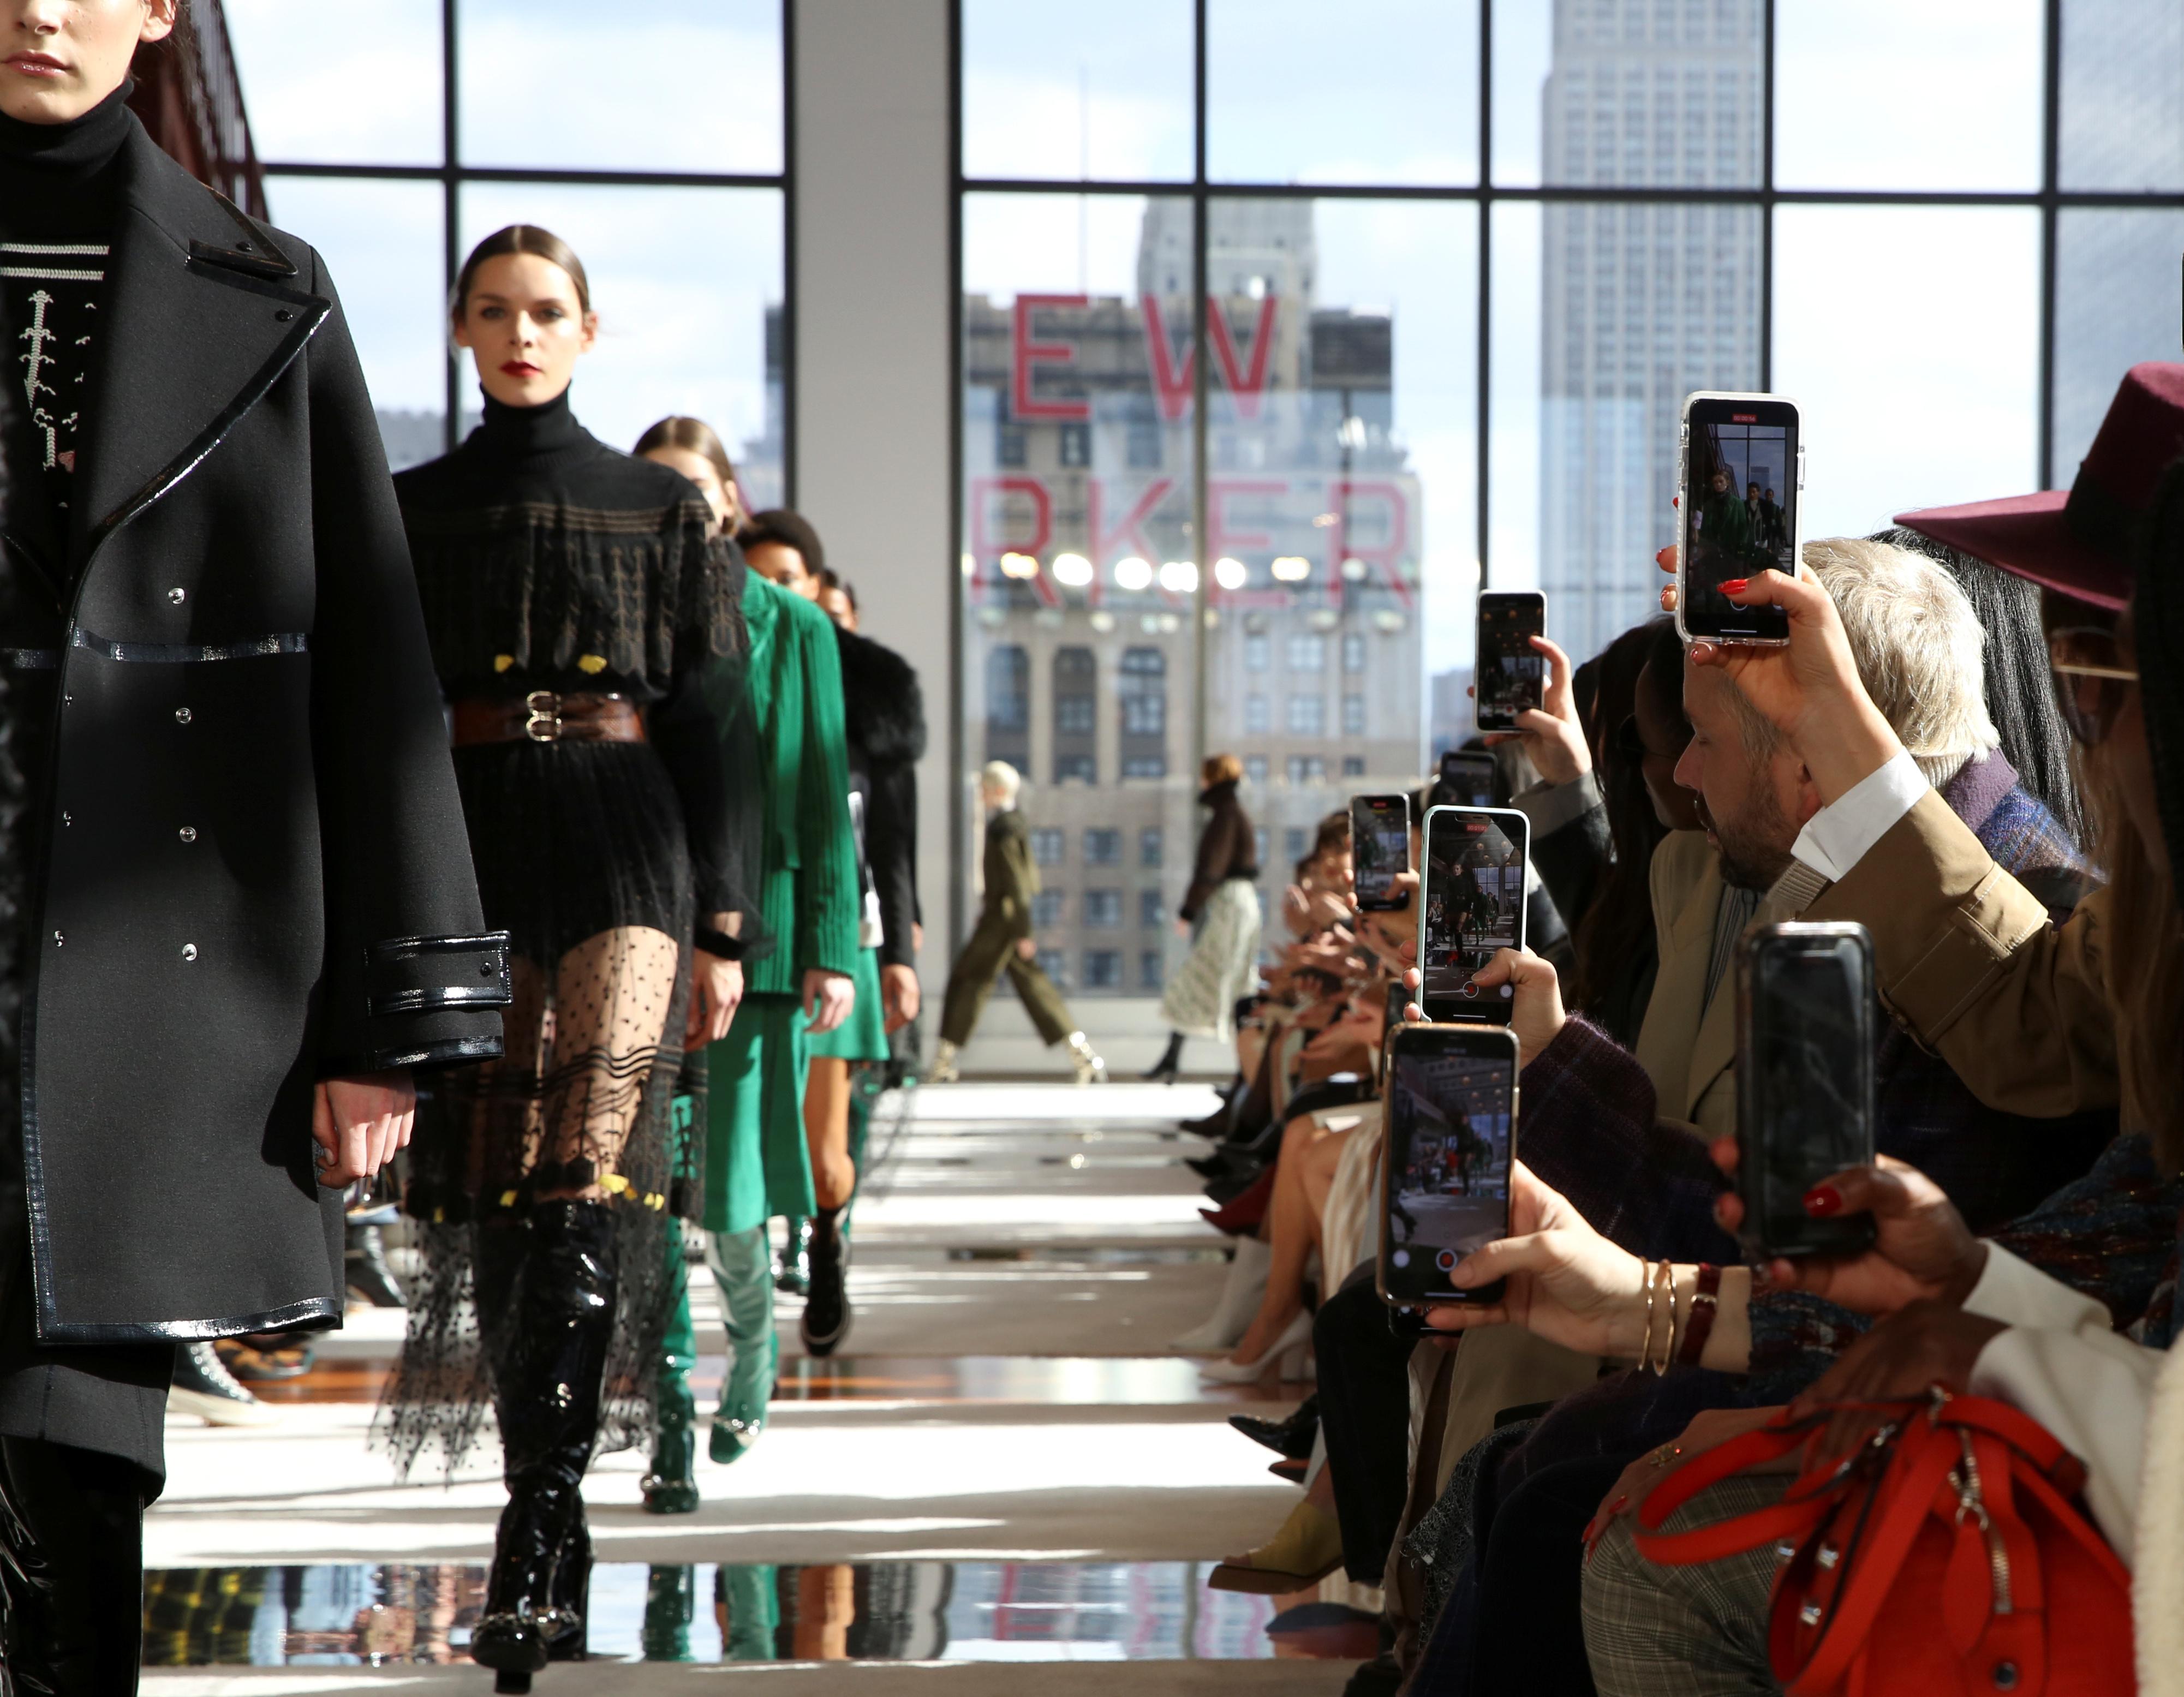 La locación para el desfile de Longchamp fue en un piso 25 de un rascacielos de Manhattan. Ahí la colección de la firma francesa presentó diseños de bolsos, indumentaria y calzado